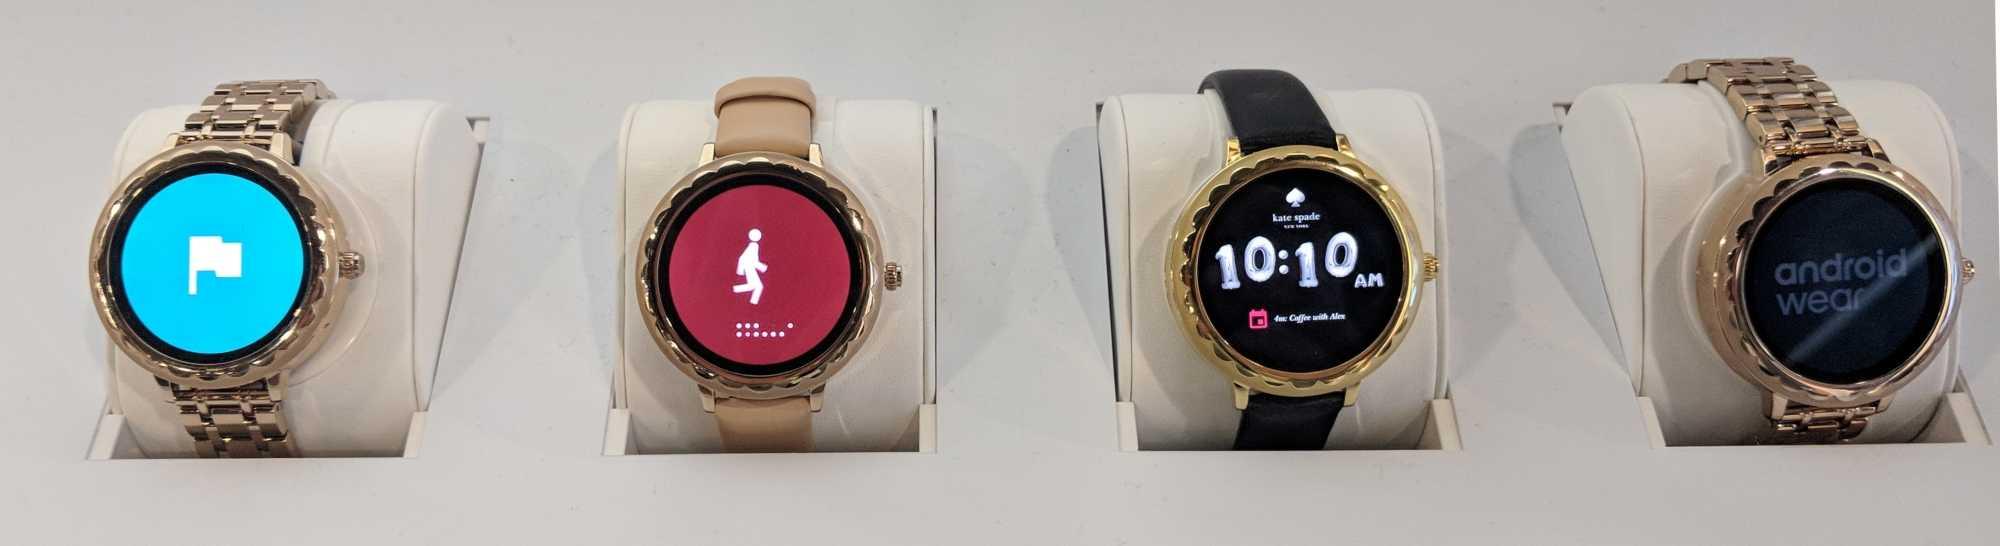 Die Uhren von Kate Spade haben ein 16-mm-Armband, sind wegen der verbauten Hardware aber nicht übermäßig schlank.